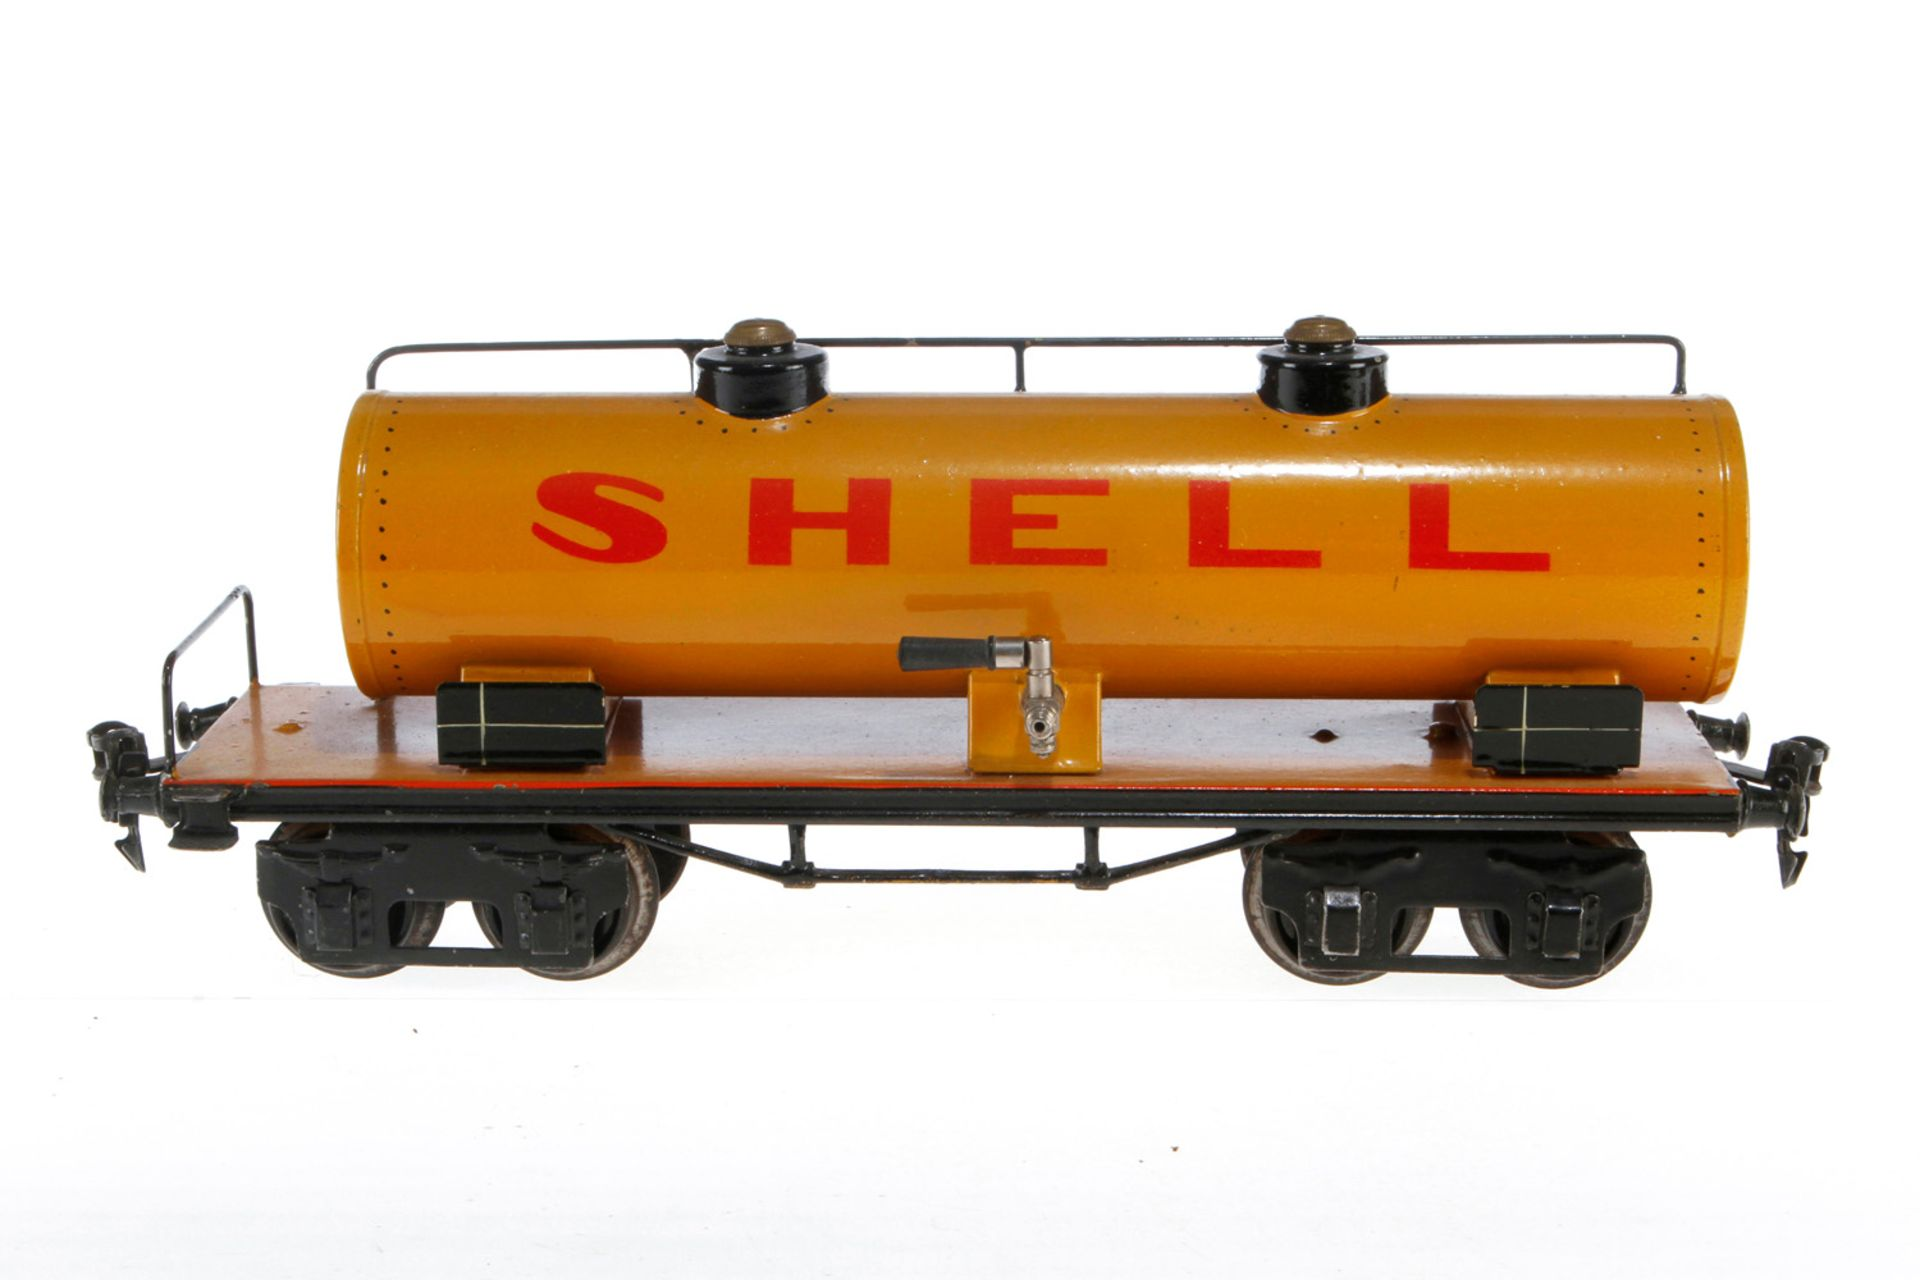 Märklin Shell Kesselwagen 1954, S 1, HL, LS und gealterter Lack, L 31,5, sonst noch Z 2